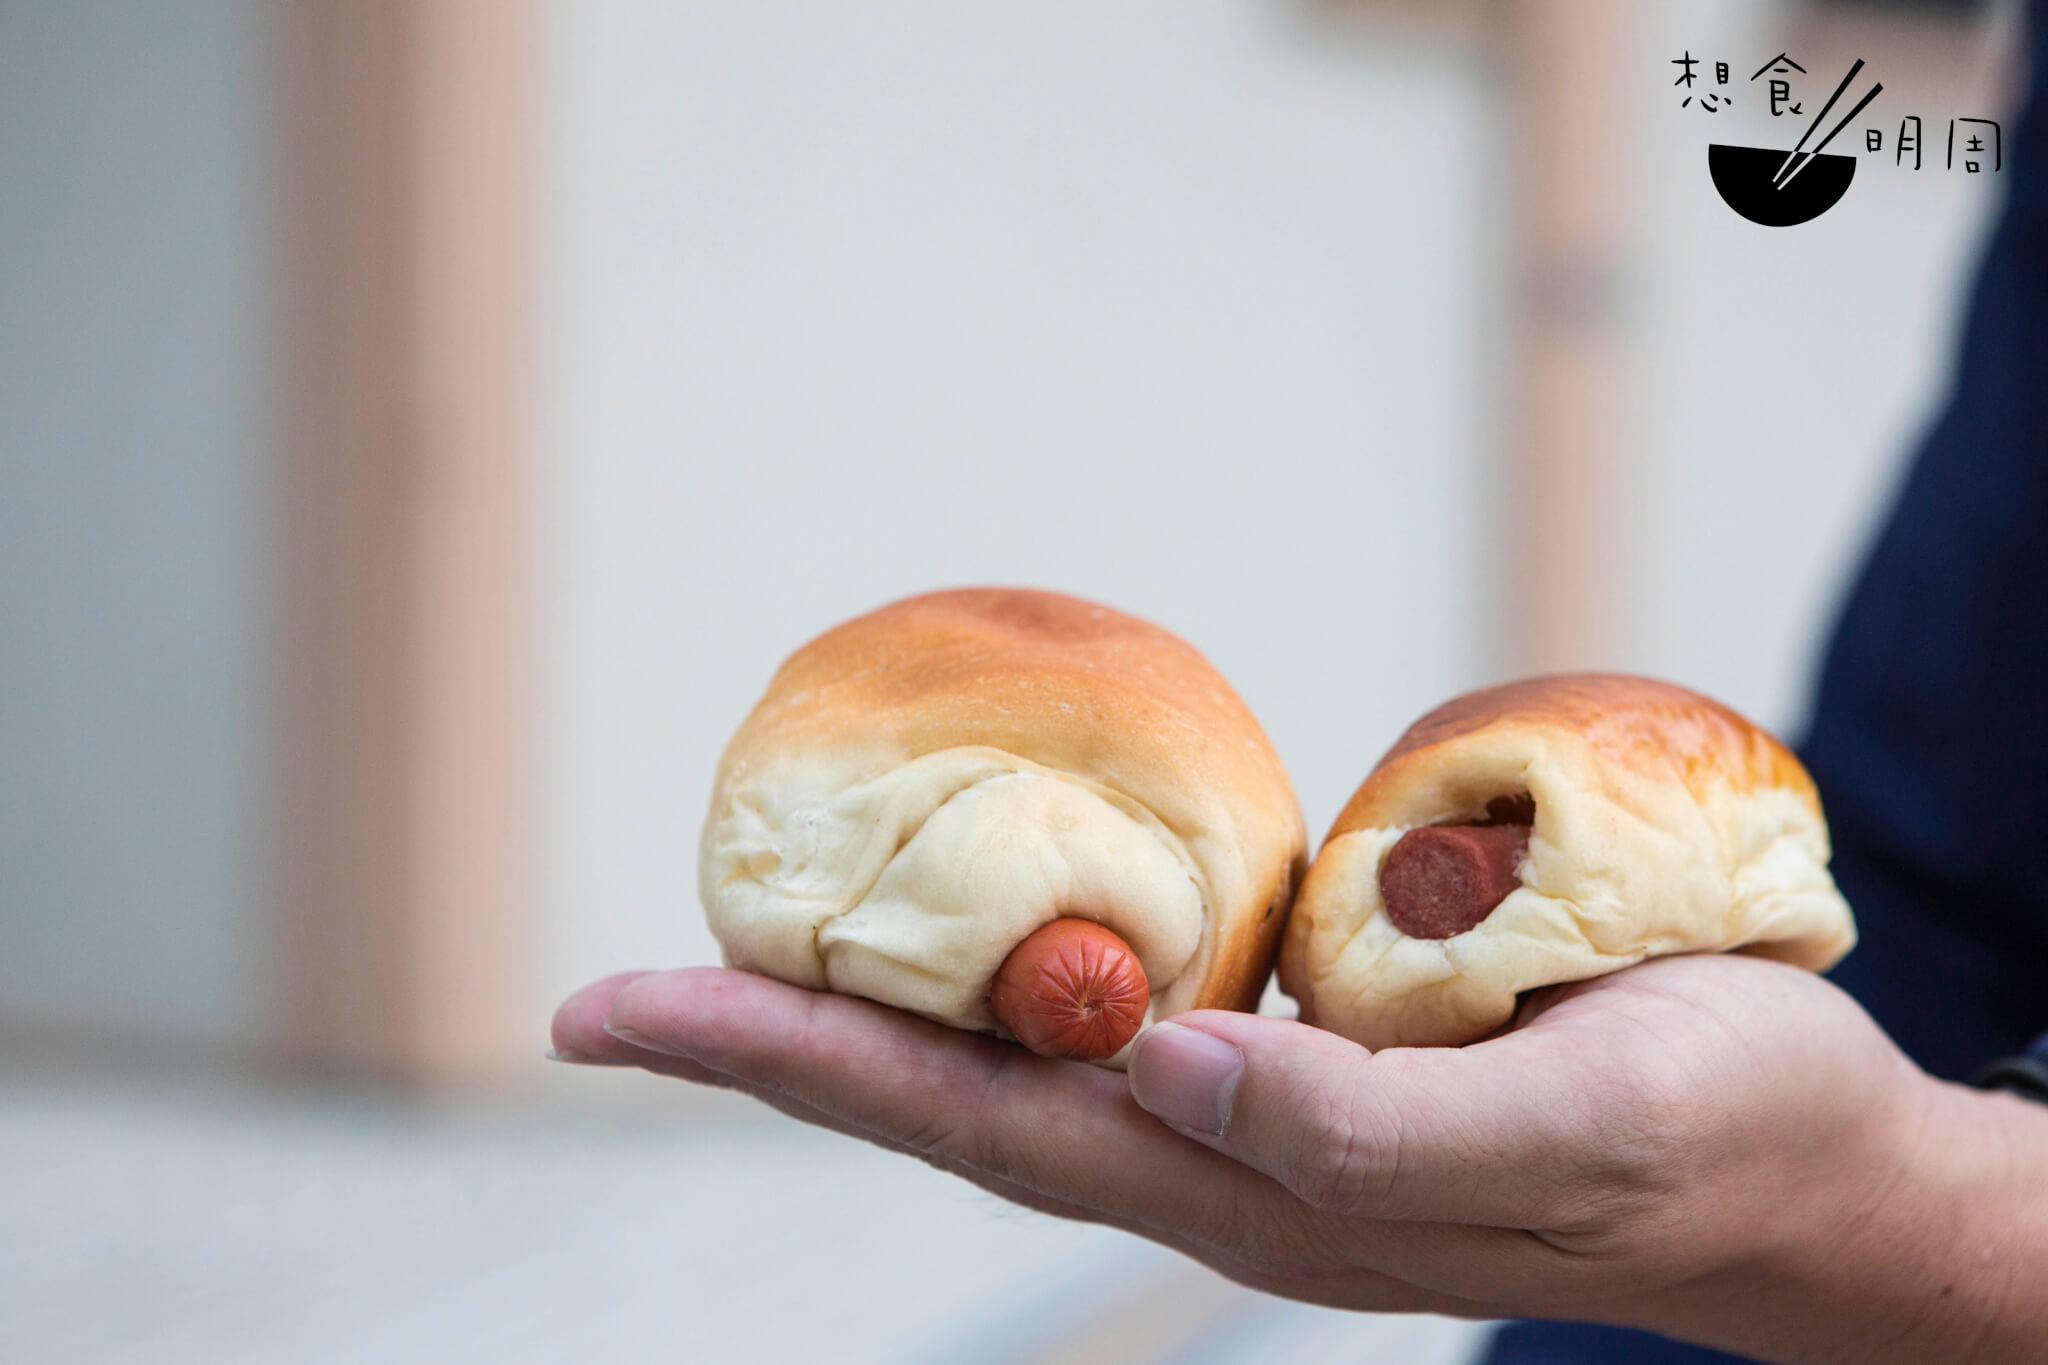 從沙角邨散步到瀝源邨,分別在兩間麵包小店買來膠仔包,質感已經截然不同,具有獨特性。正如人的口味,也是各有所好。